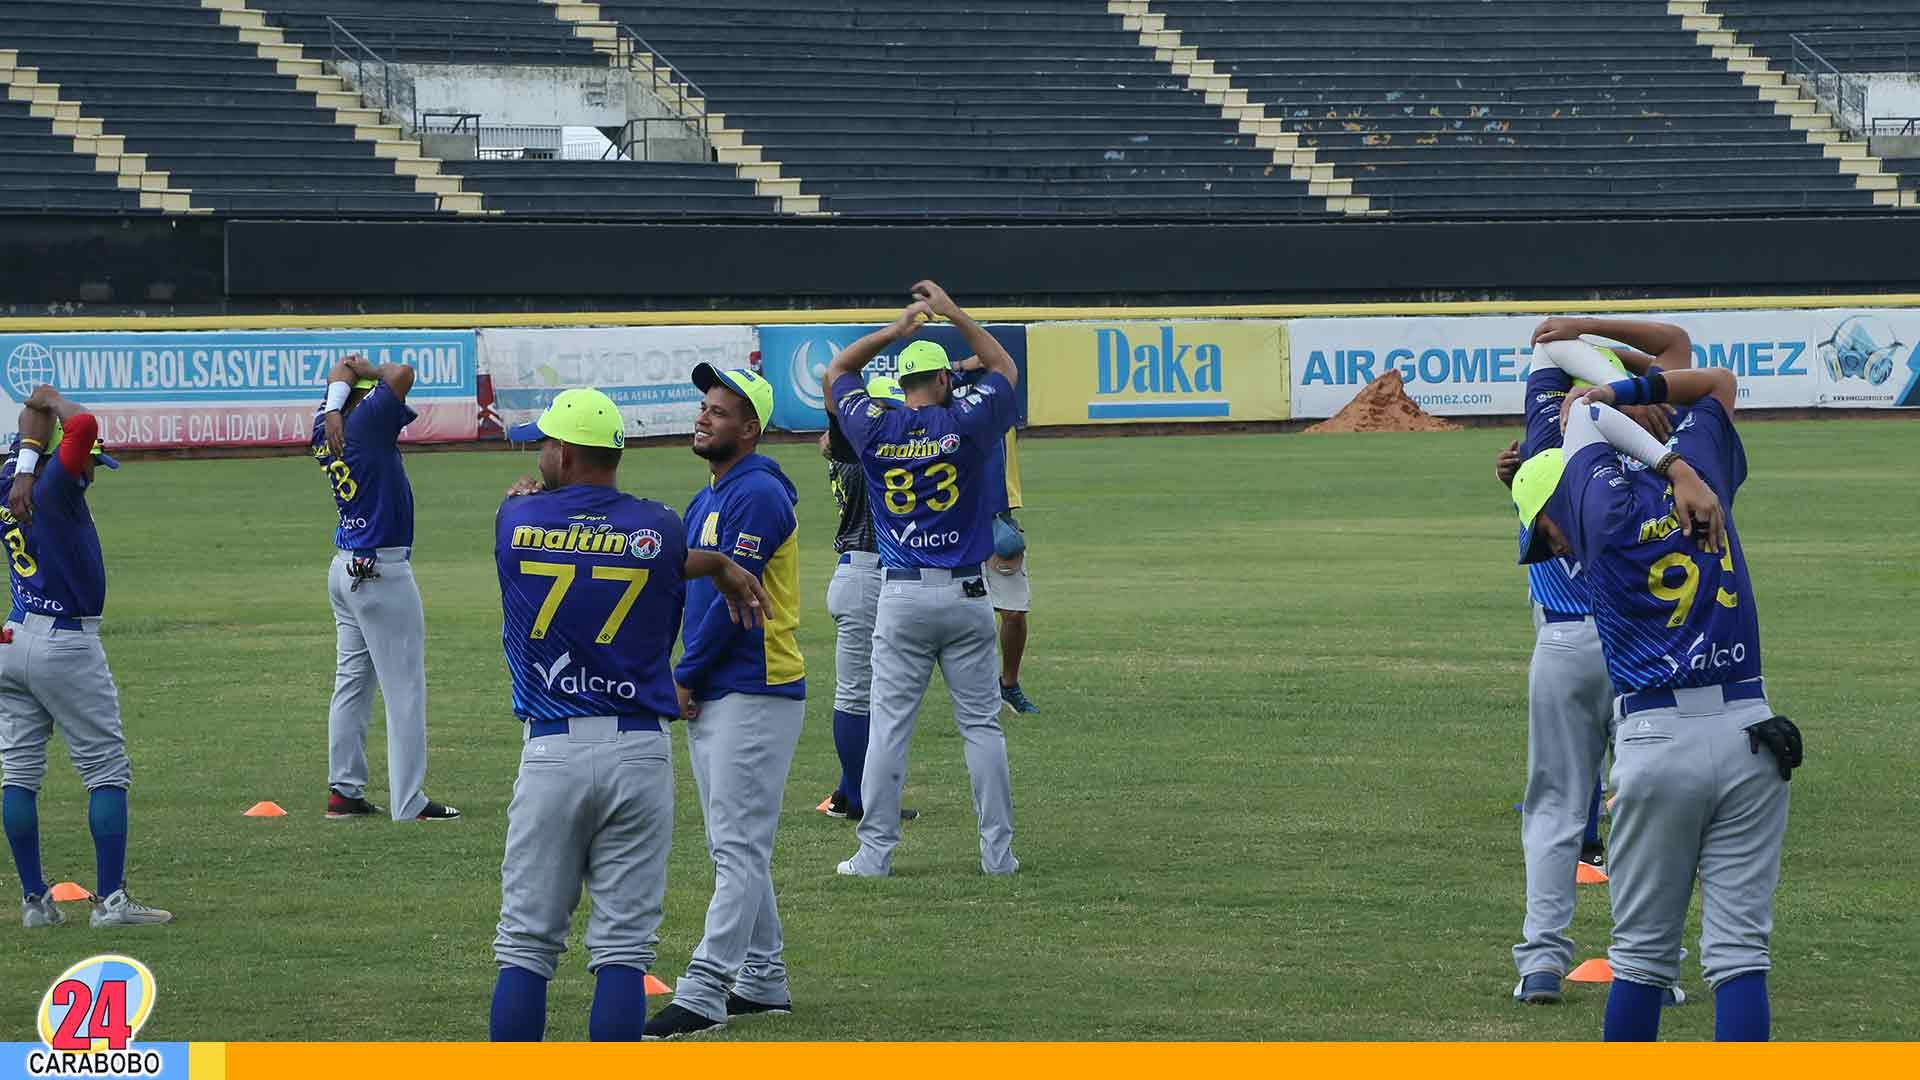 Magallanes empezó prácticas - Magallanes empezó prácticas